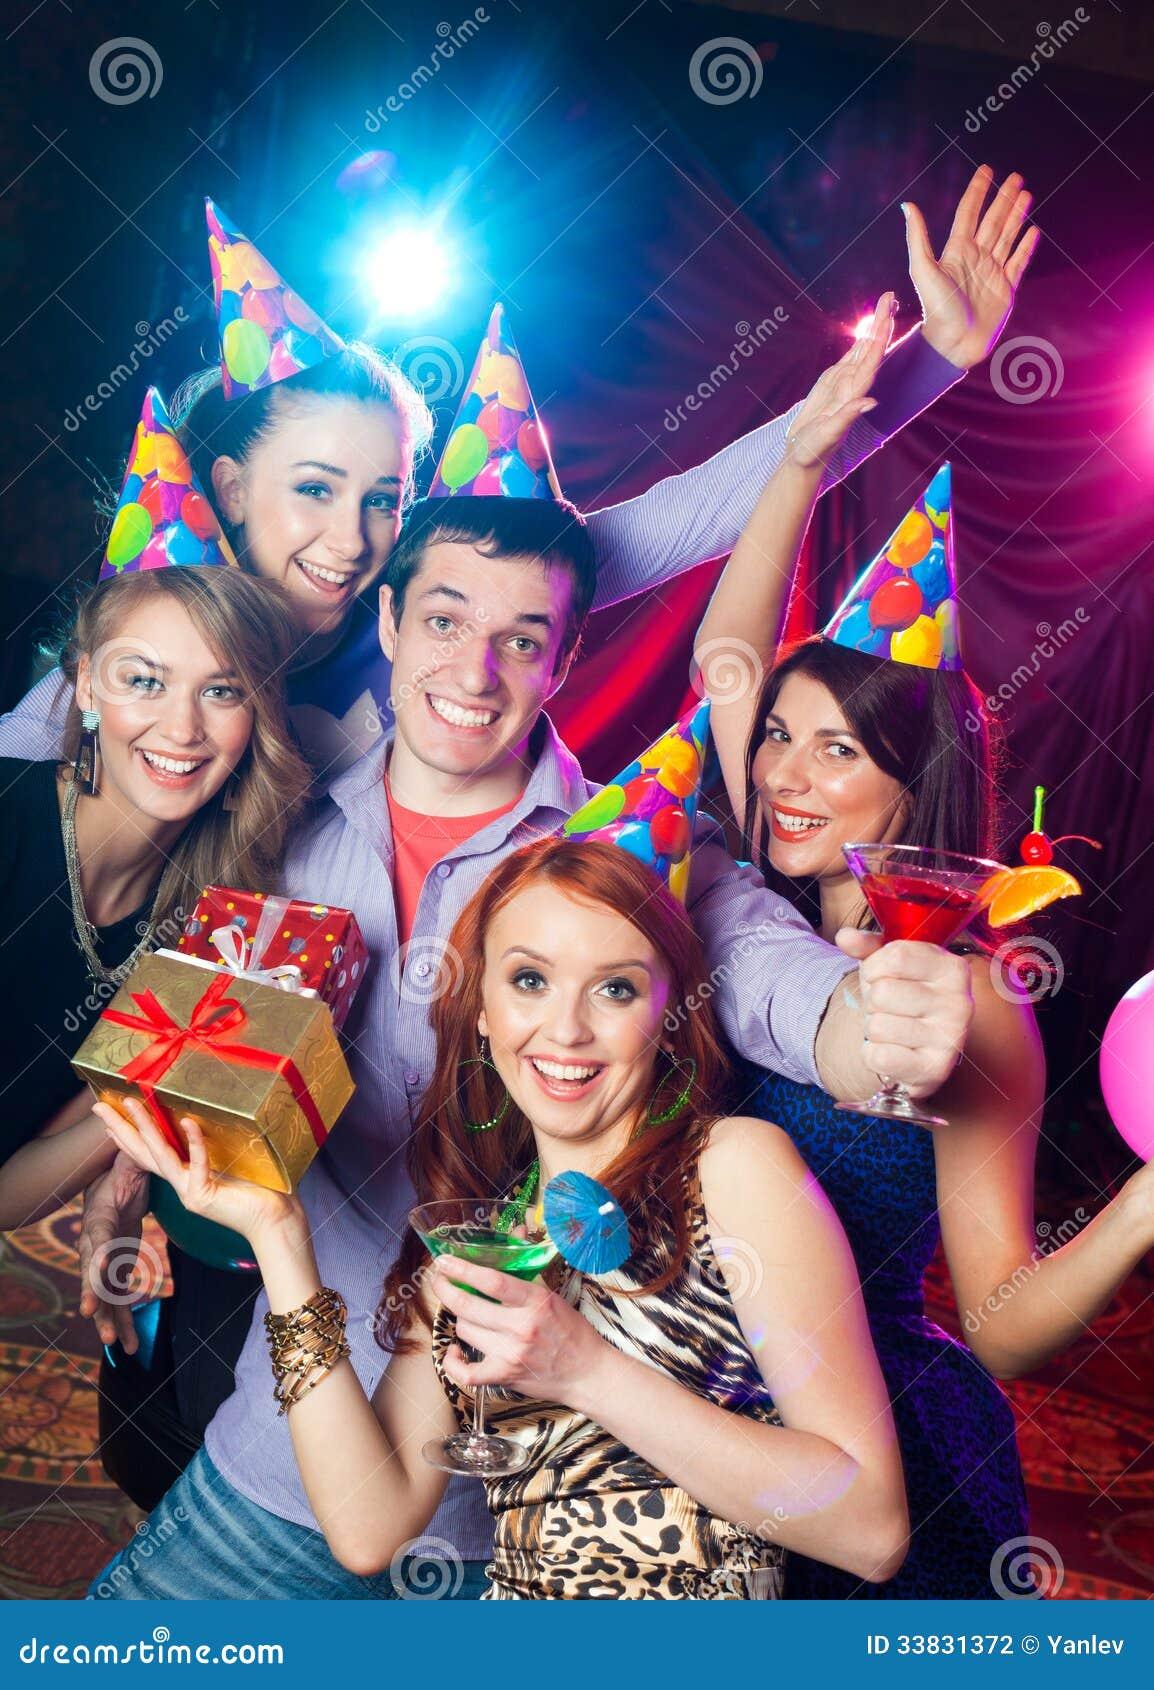 День рождения ночного клуба вечеринка секс в ночных клубах онлайн бесплатно